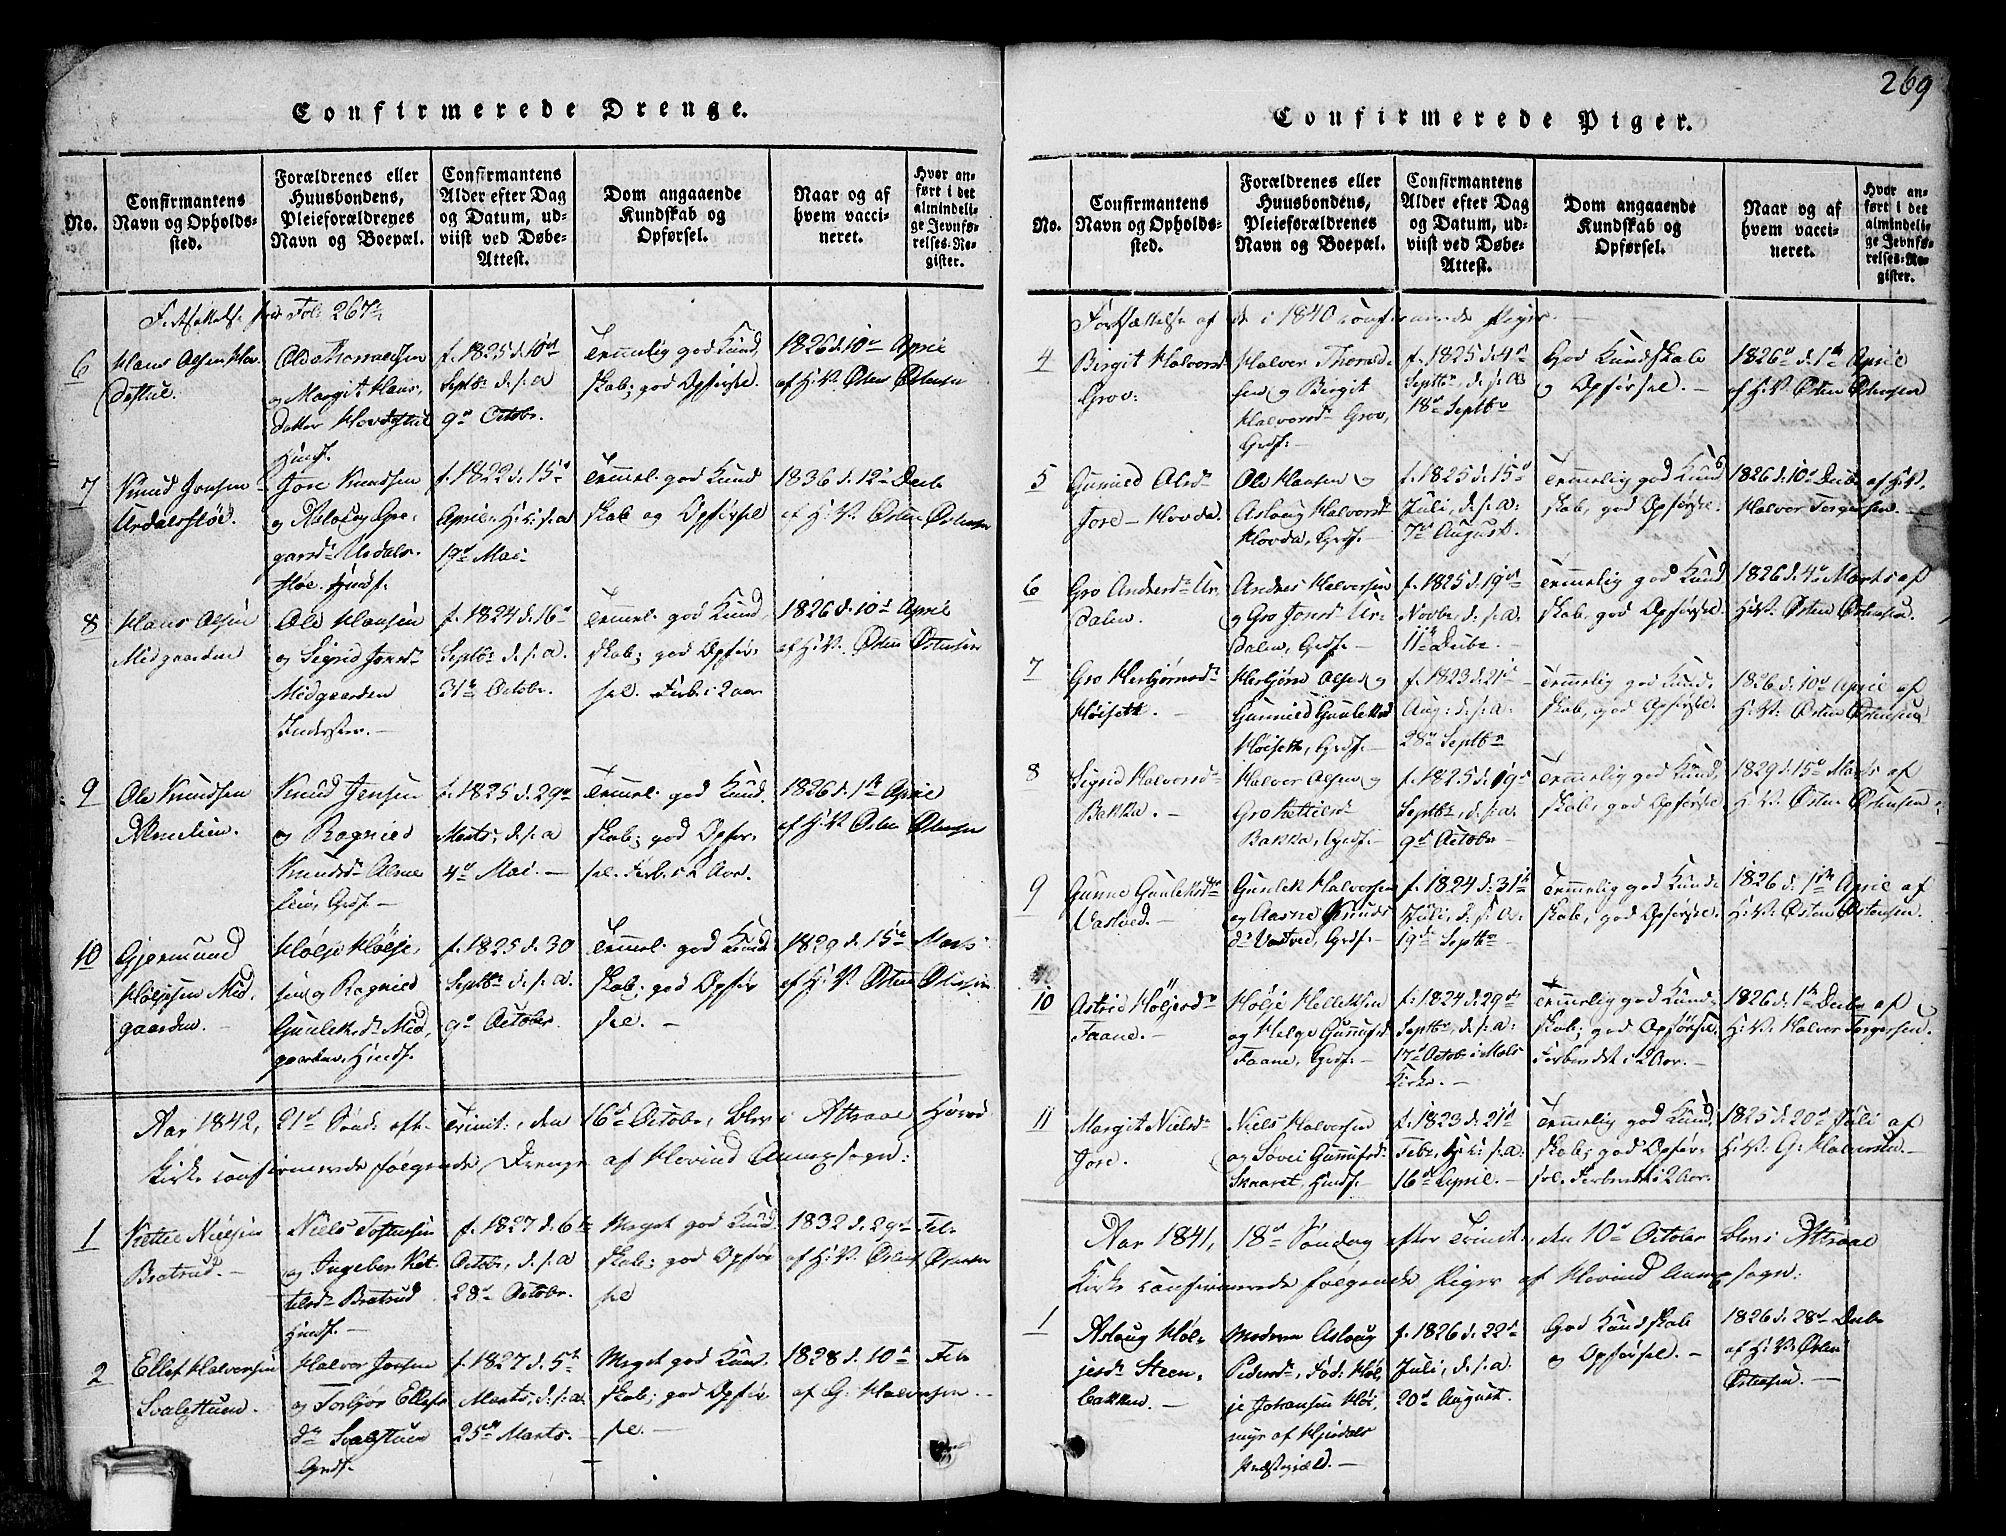 SAKO, Gransherad kirkebøker, G/Gb/L0001: Klokkerbok nr. II 1, 1815-1860, s. 269